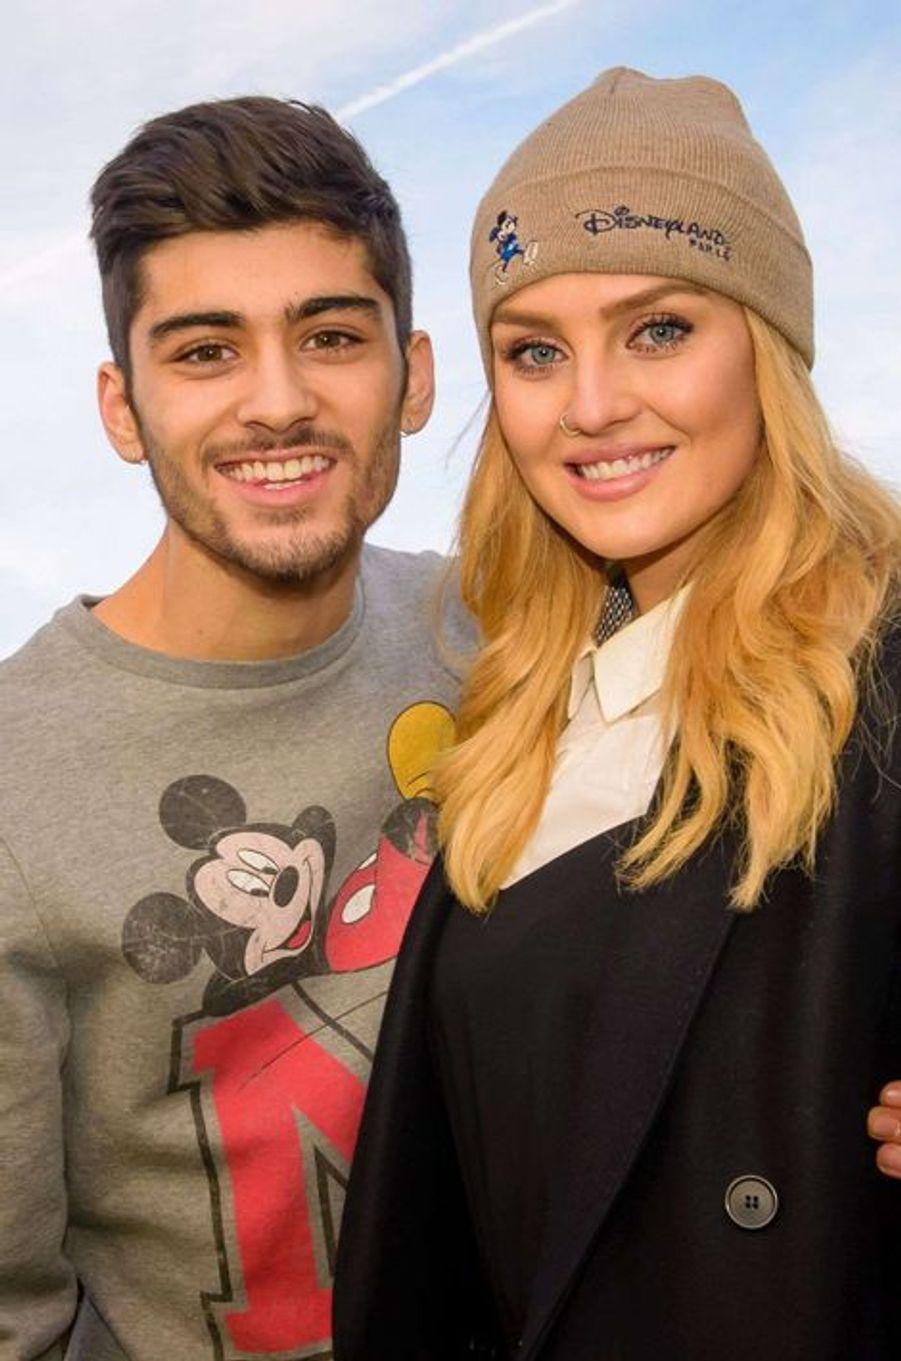 C'était l'une des séparations les plus médiatisées de cette année : après avoir quitté le groupe One Direction en mars dernier, Zayn Malik avait brutalement rompu avec sa petite amie, la chanteuse Perrie Edwards. Le couple s'est fréquenté pendant plus de trois ans et s'était fiancé en 2013.